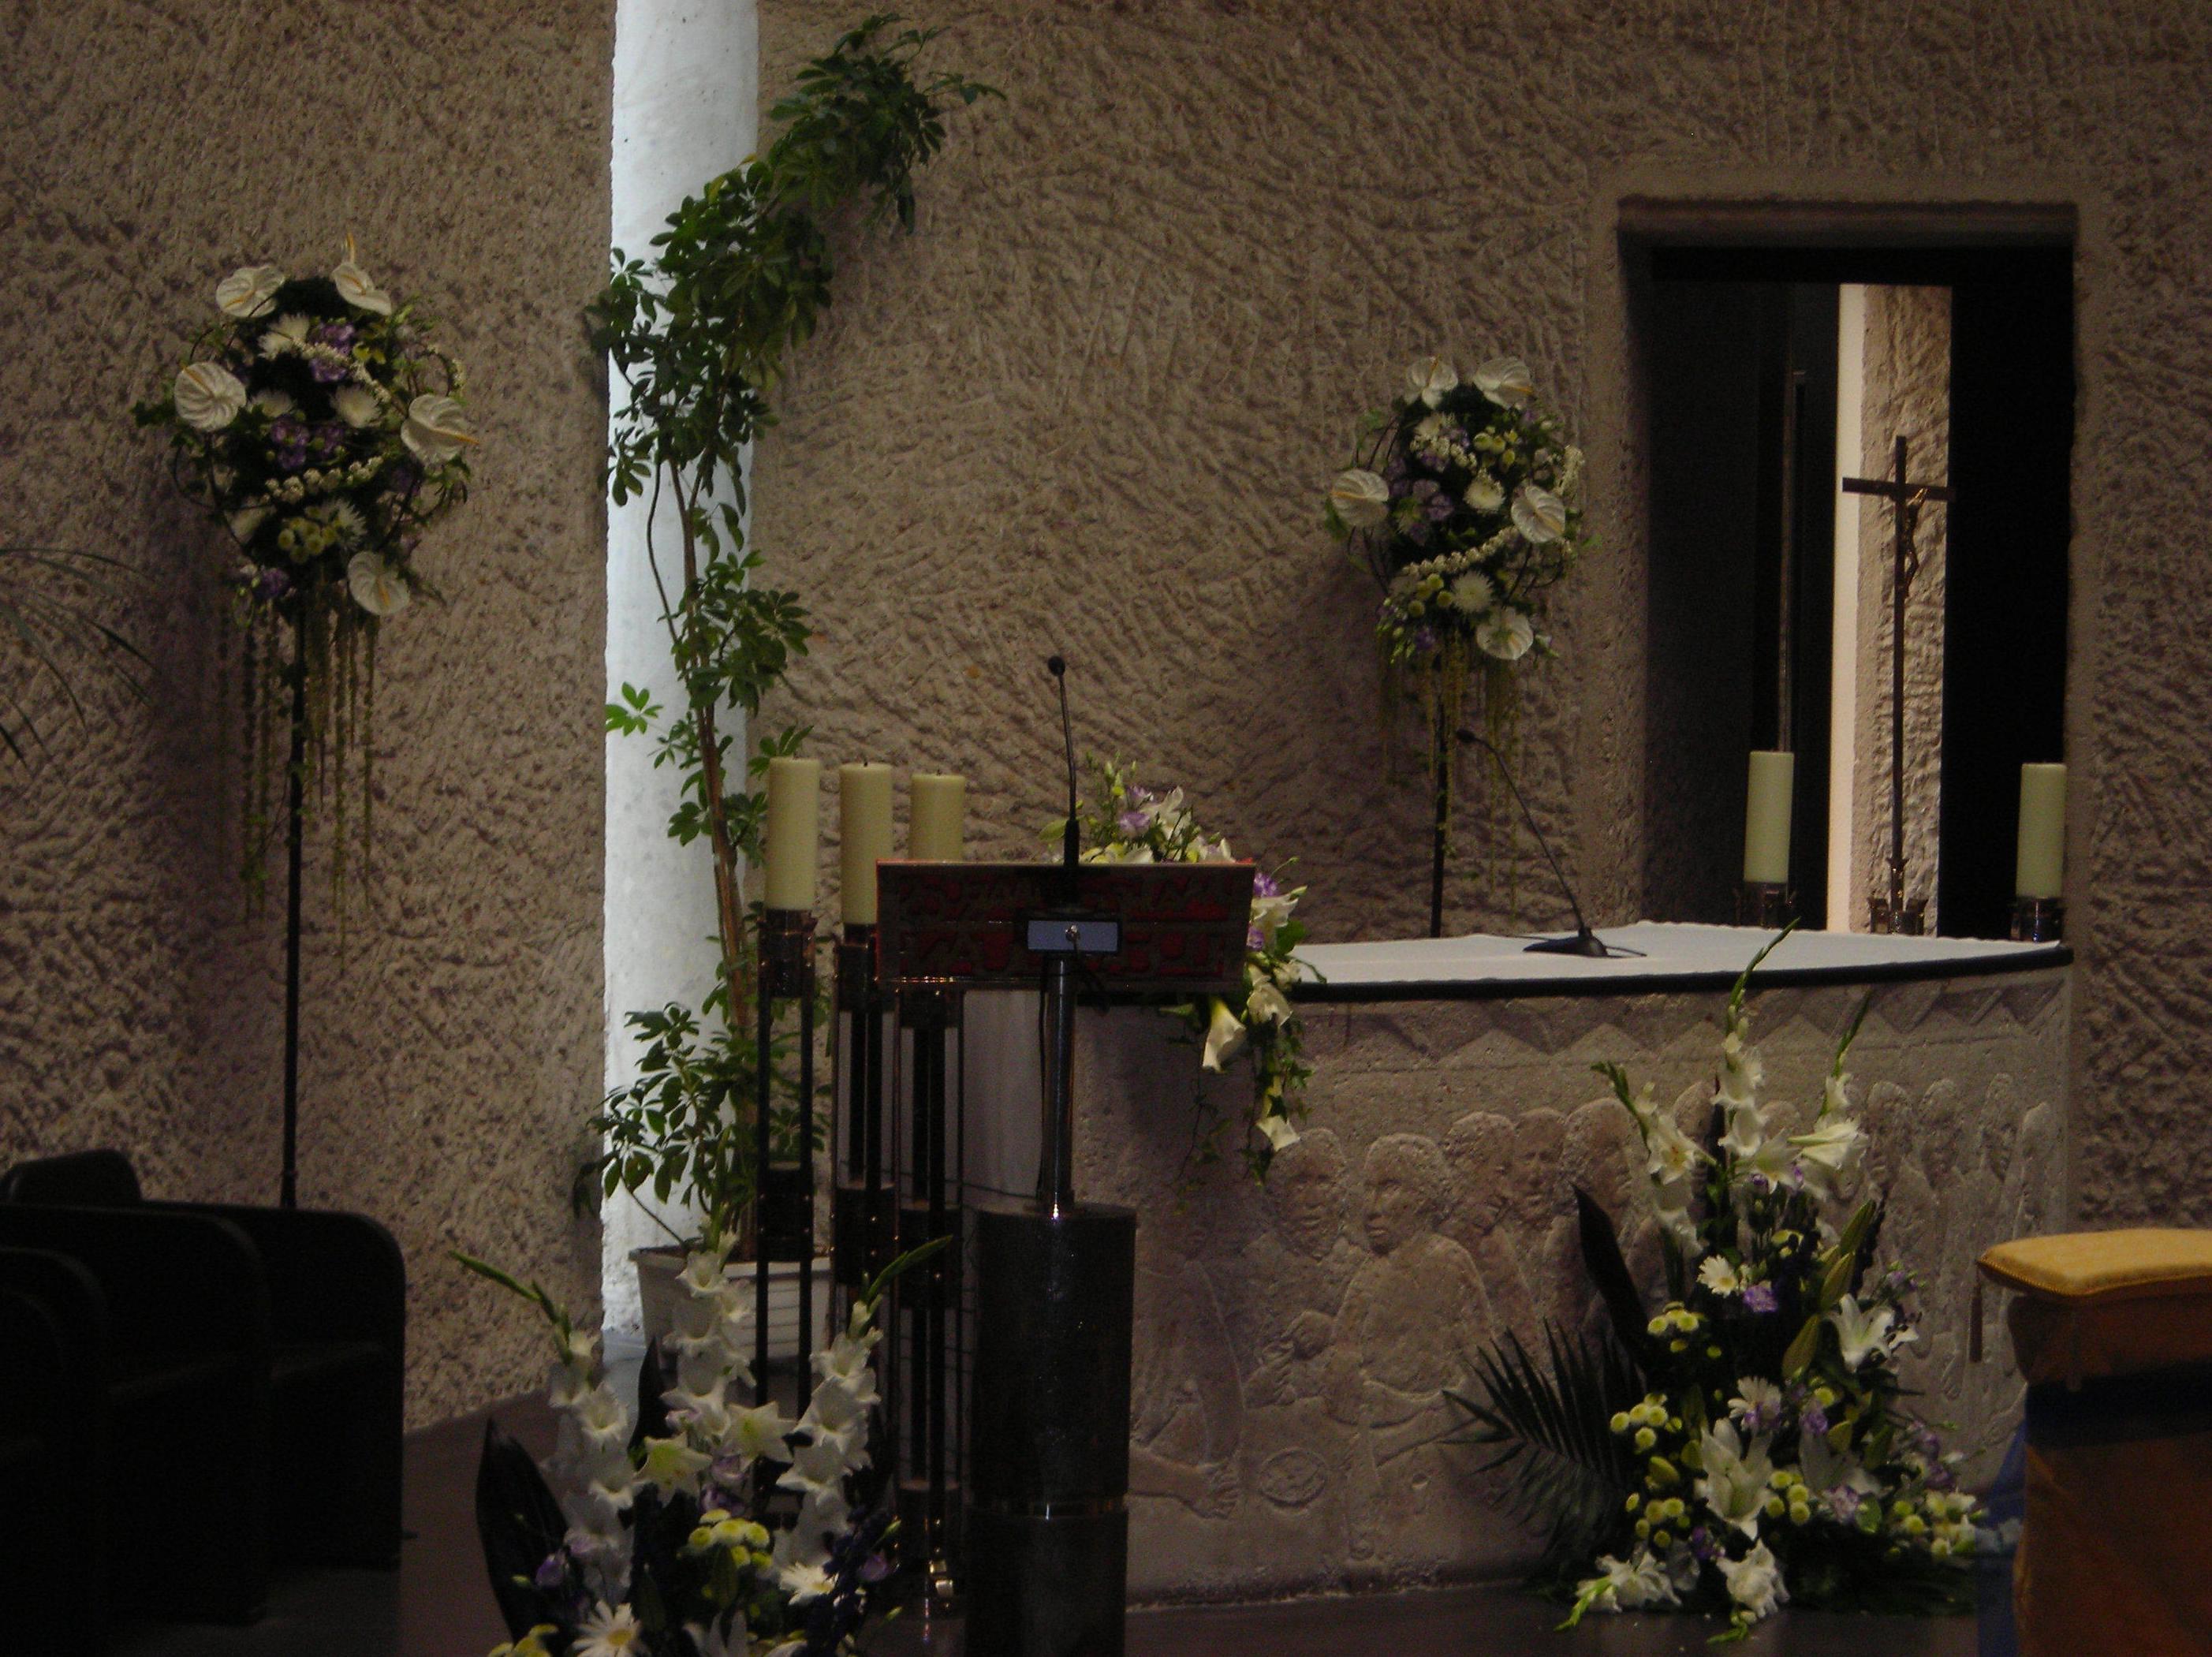 Plantas naturales y artificiales. Flores preservadas. Decoración